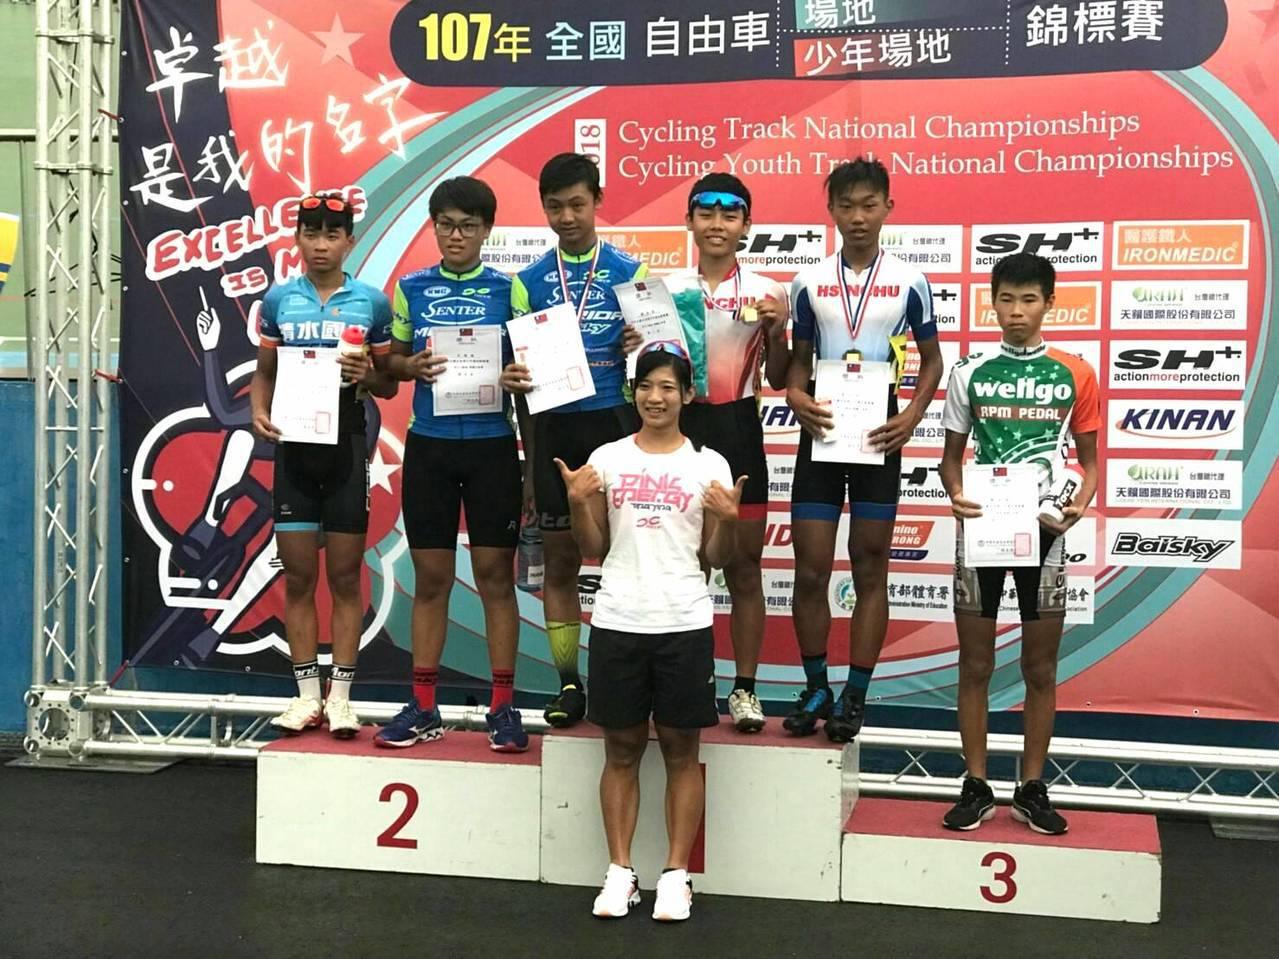 建華國中鄭丞凱奪下3公里集體出發賽第一名、競輪賽第二名。圖/建華國中提供